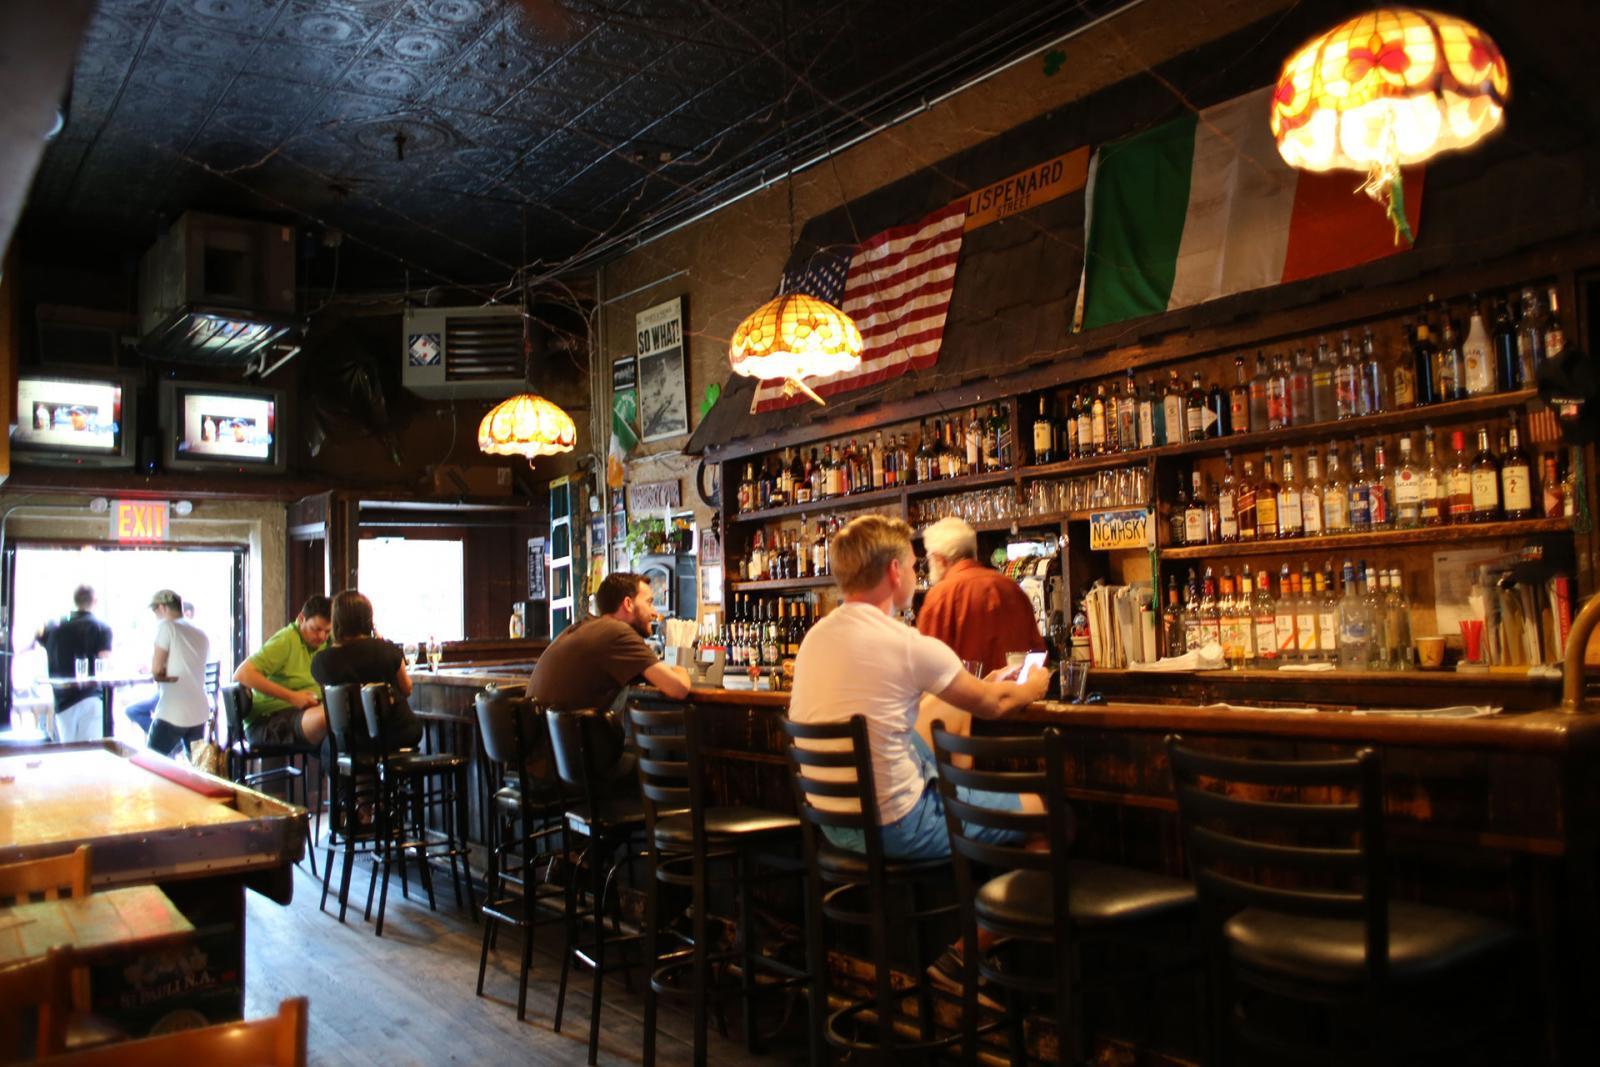 New Yorks älteste Bar und ein absoluter New York Insider Tipp: Nancy Whiskey Pub in Tribeca